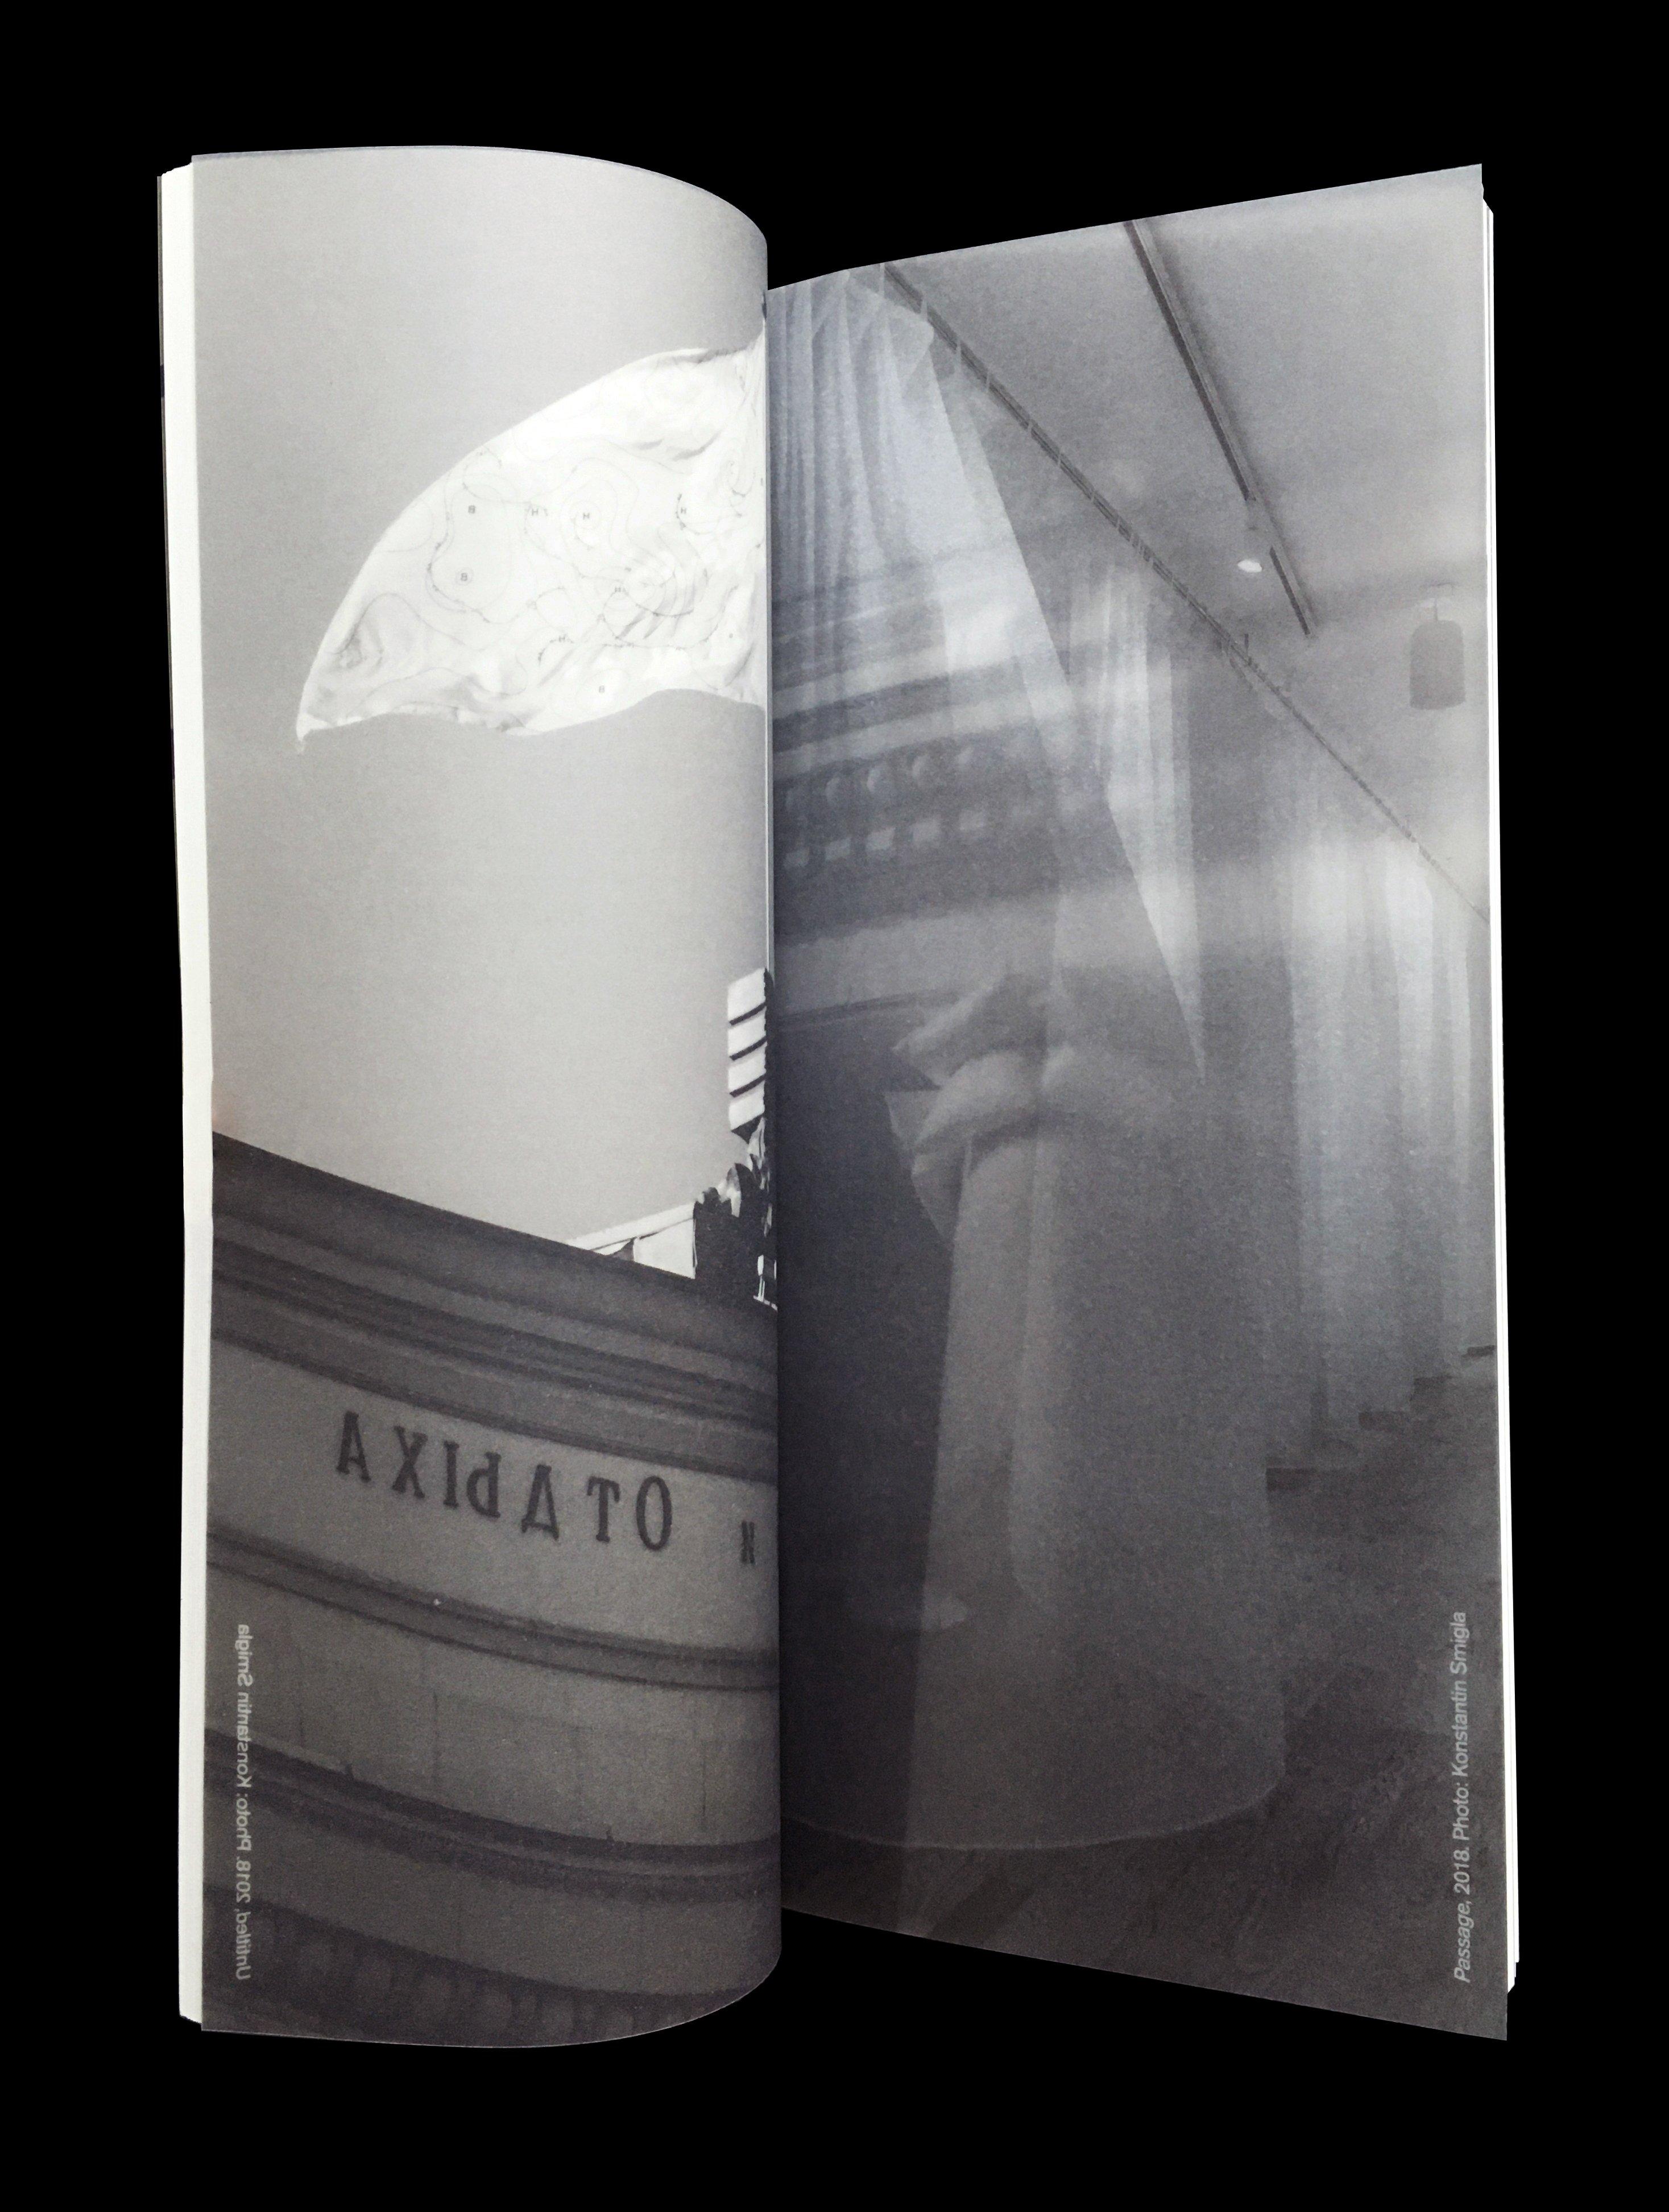 Twee pagina's uit het boek 'The weather in Moscow Looks Good' door Marinus Boezem. De Monsterkamer - Een interview met Tariq Heijboer